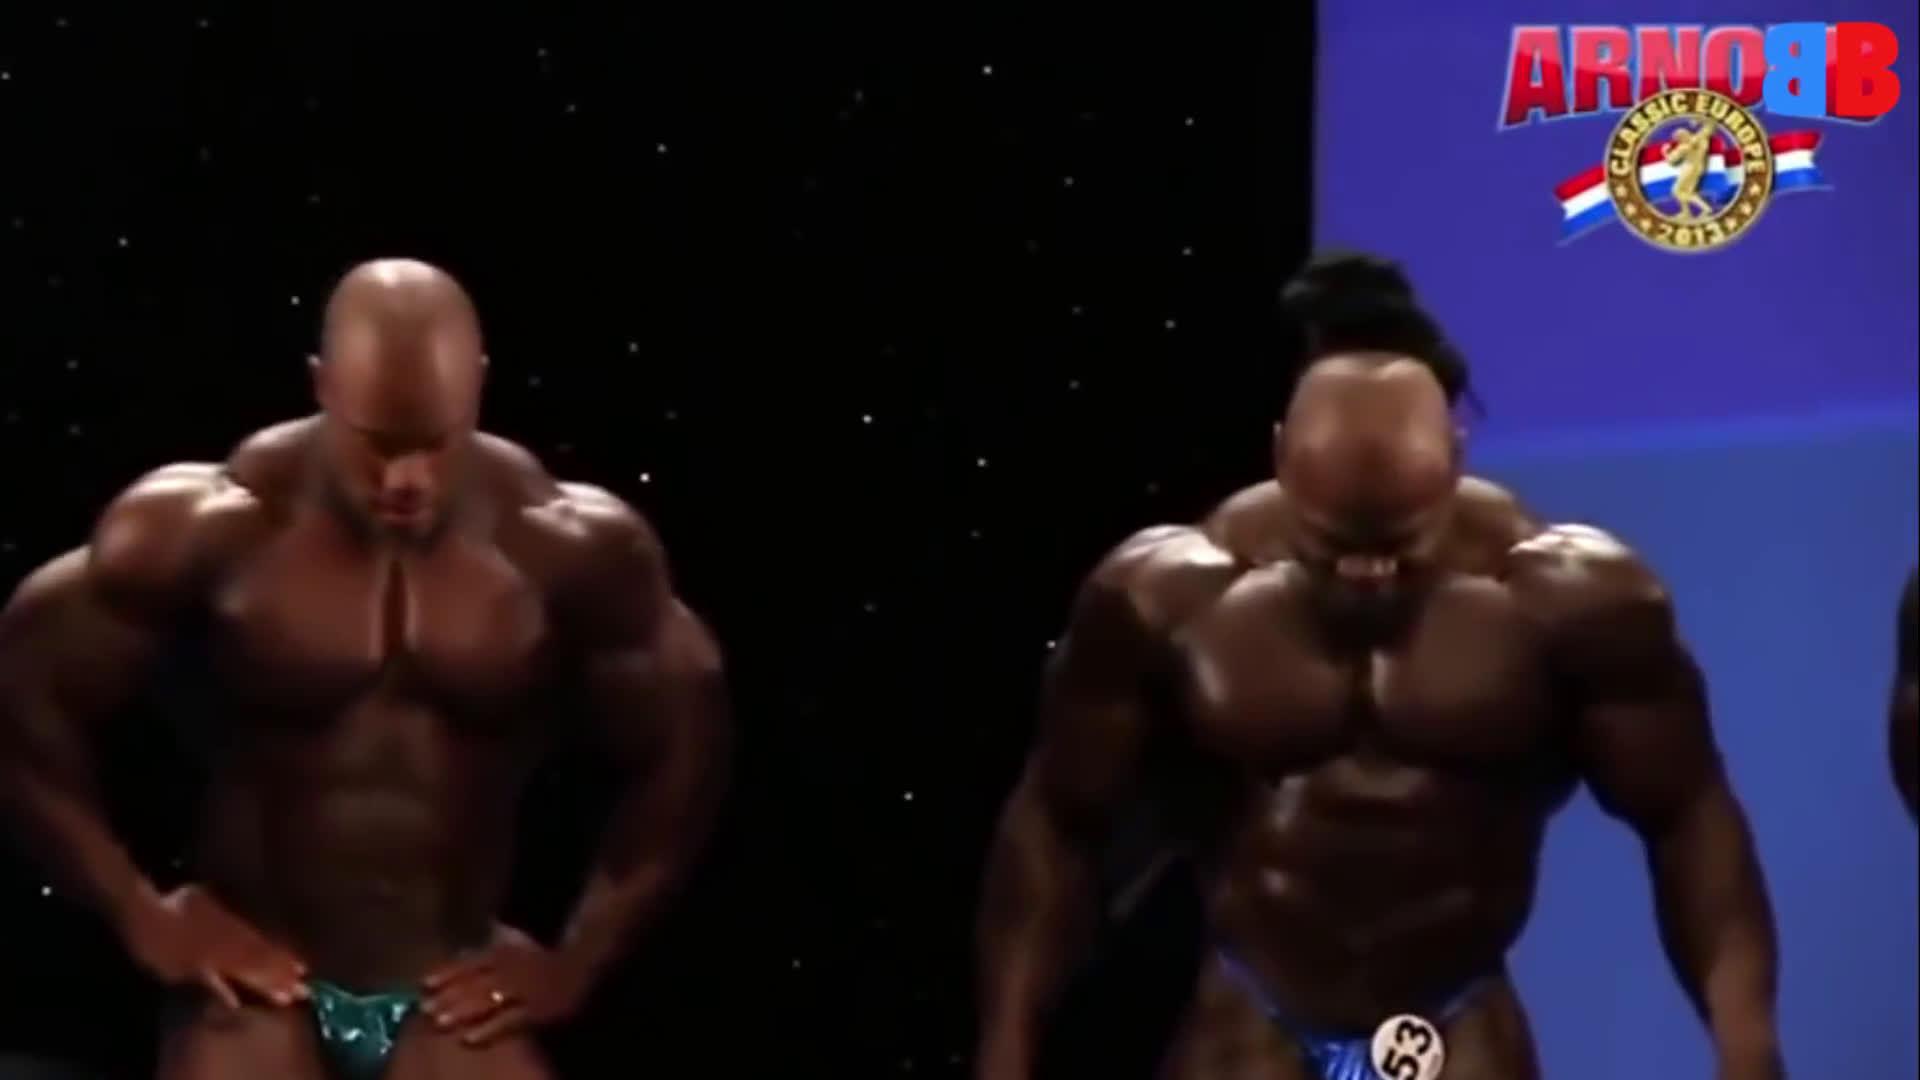 过瘾:看凯格林和菲尔西斯舞台上的对战!